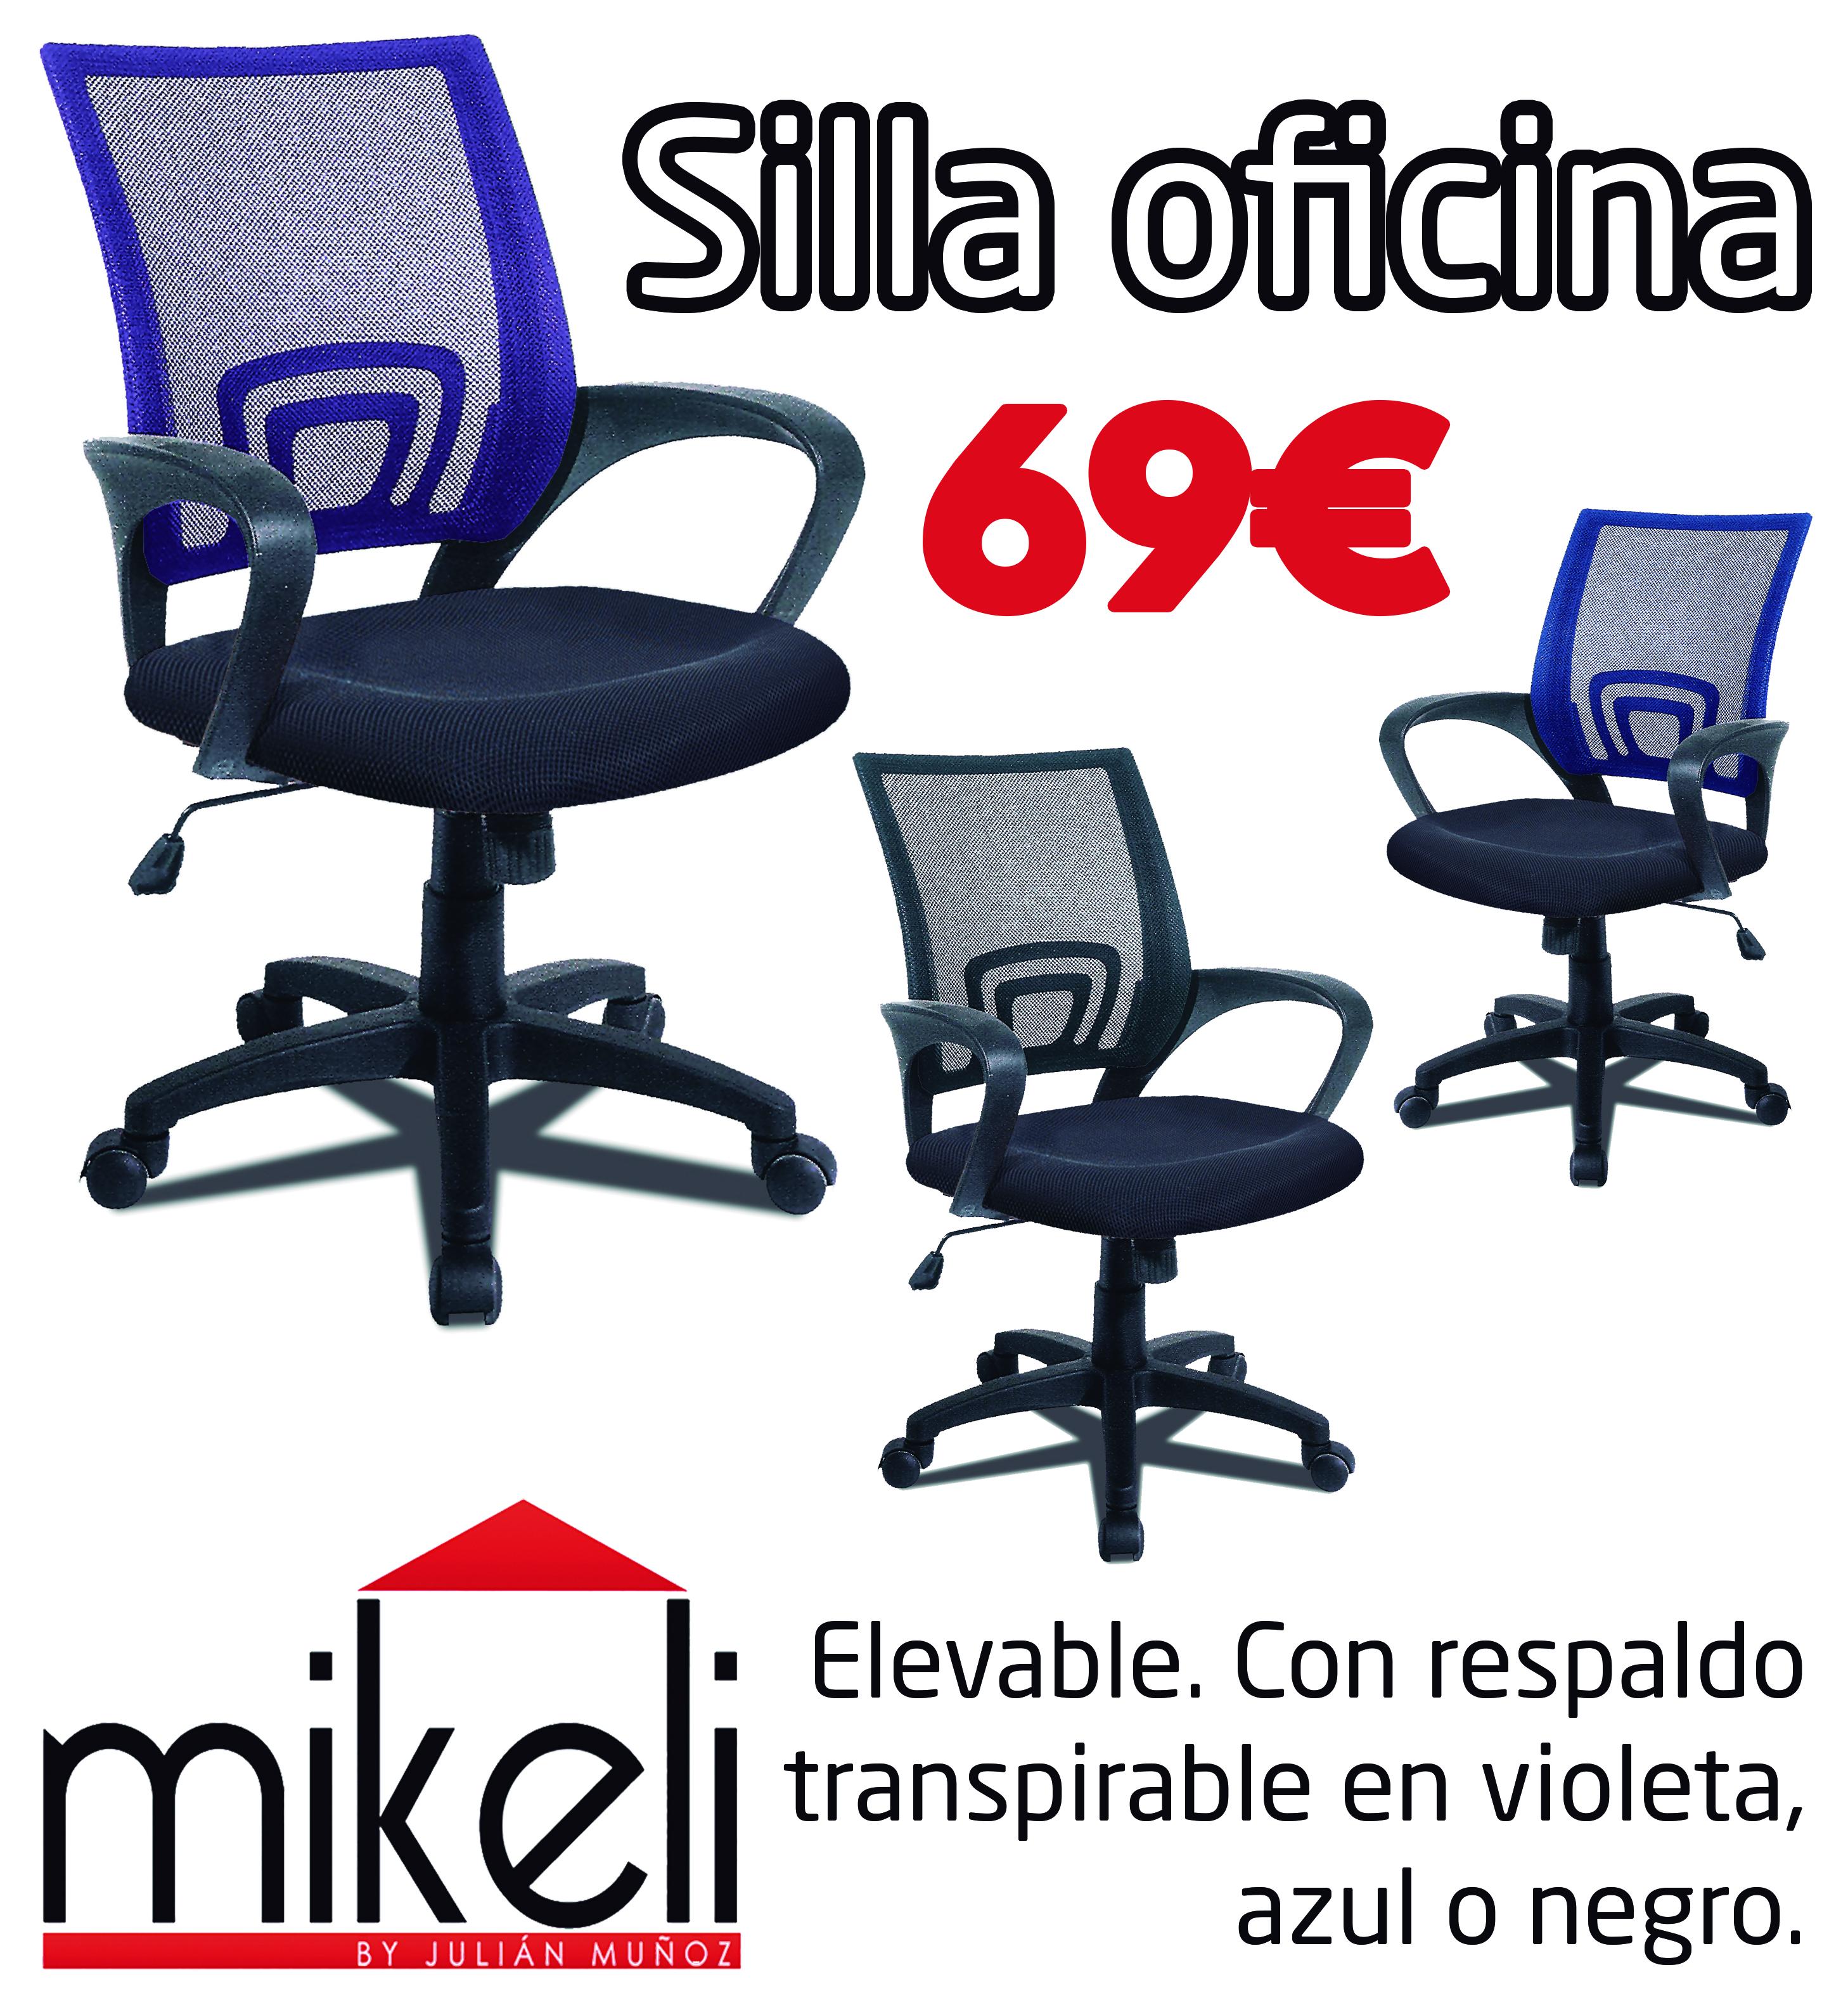 sillas-oficina | Mikeli, tu tienda de muebles a precios increíbles ...